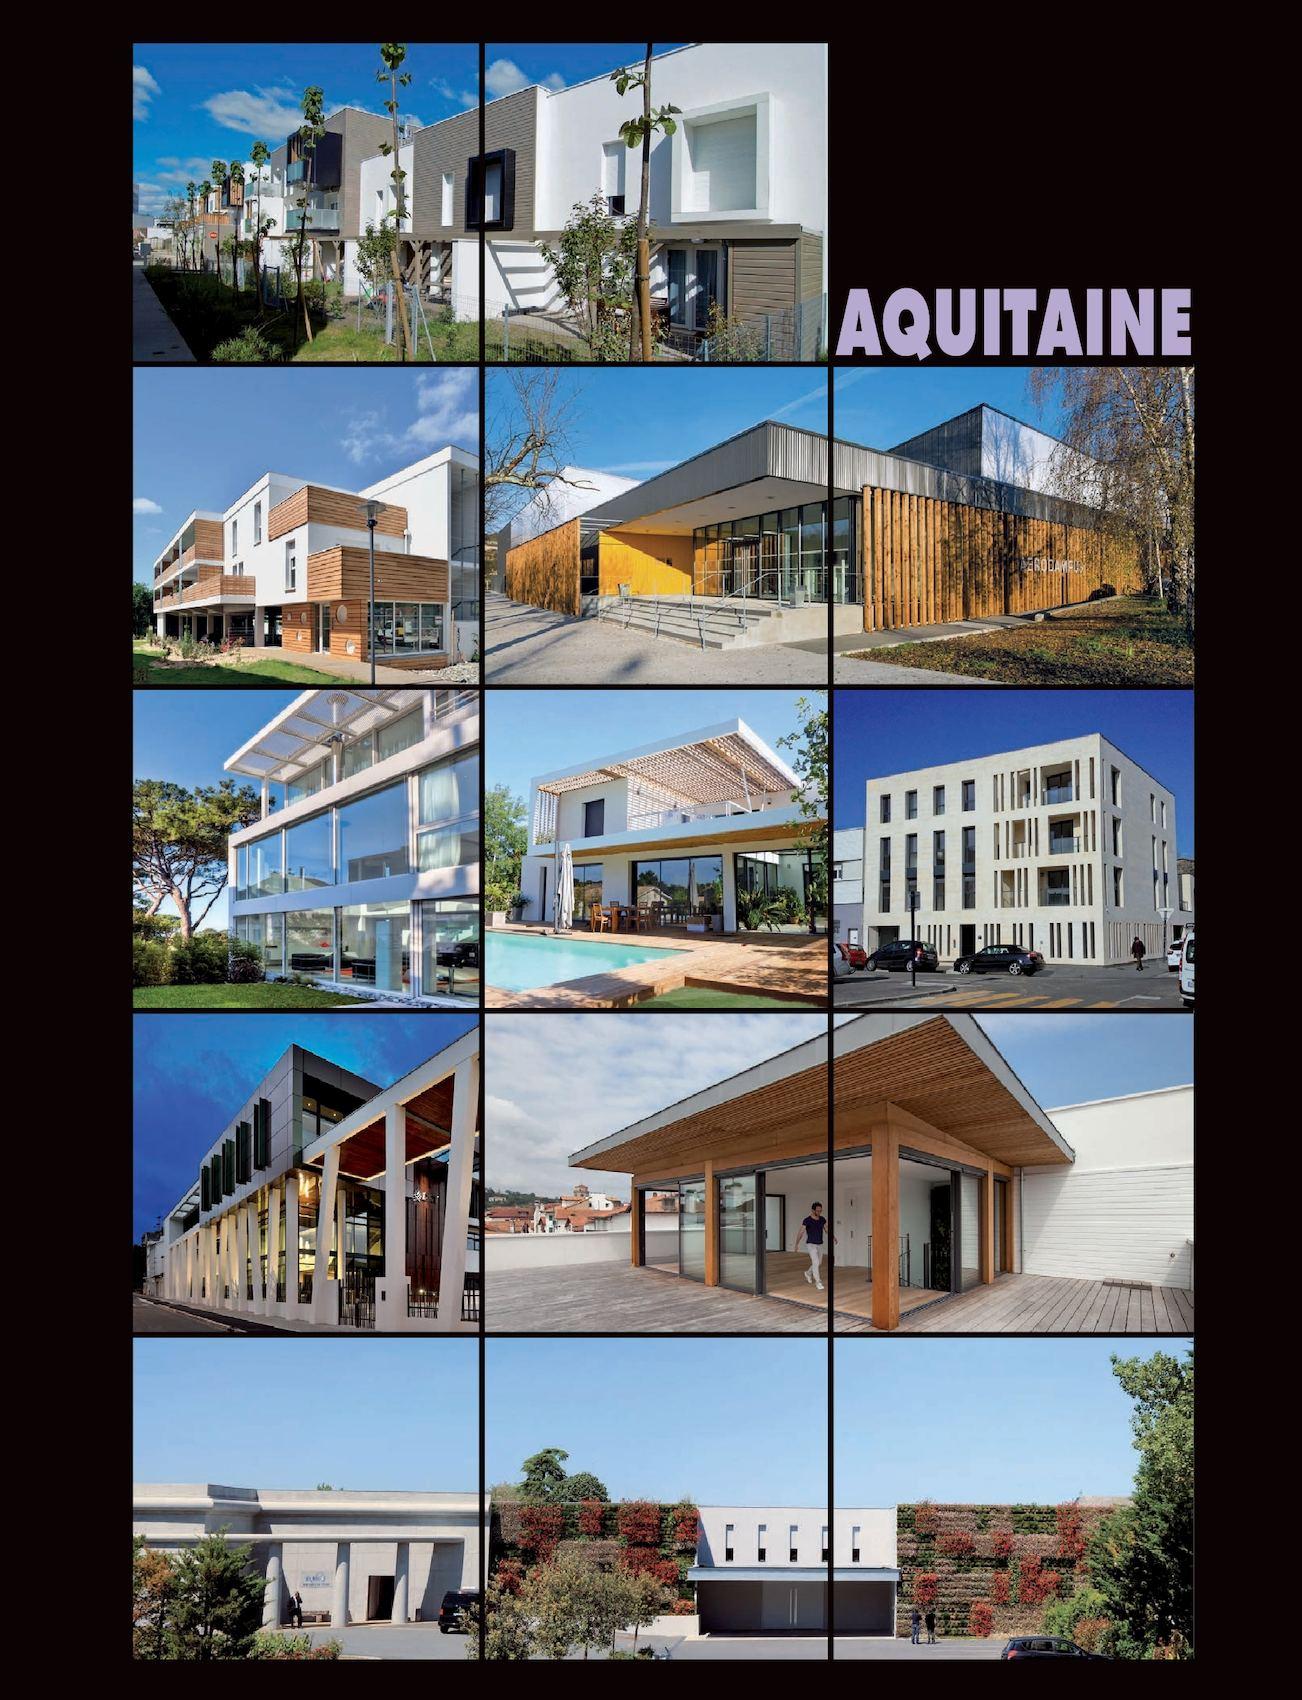 Architecte Paysagiste Midi Pyrénées calaméo - l'architecture de votre region - aquitaine - midi